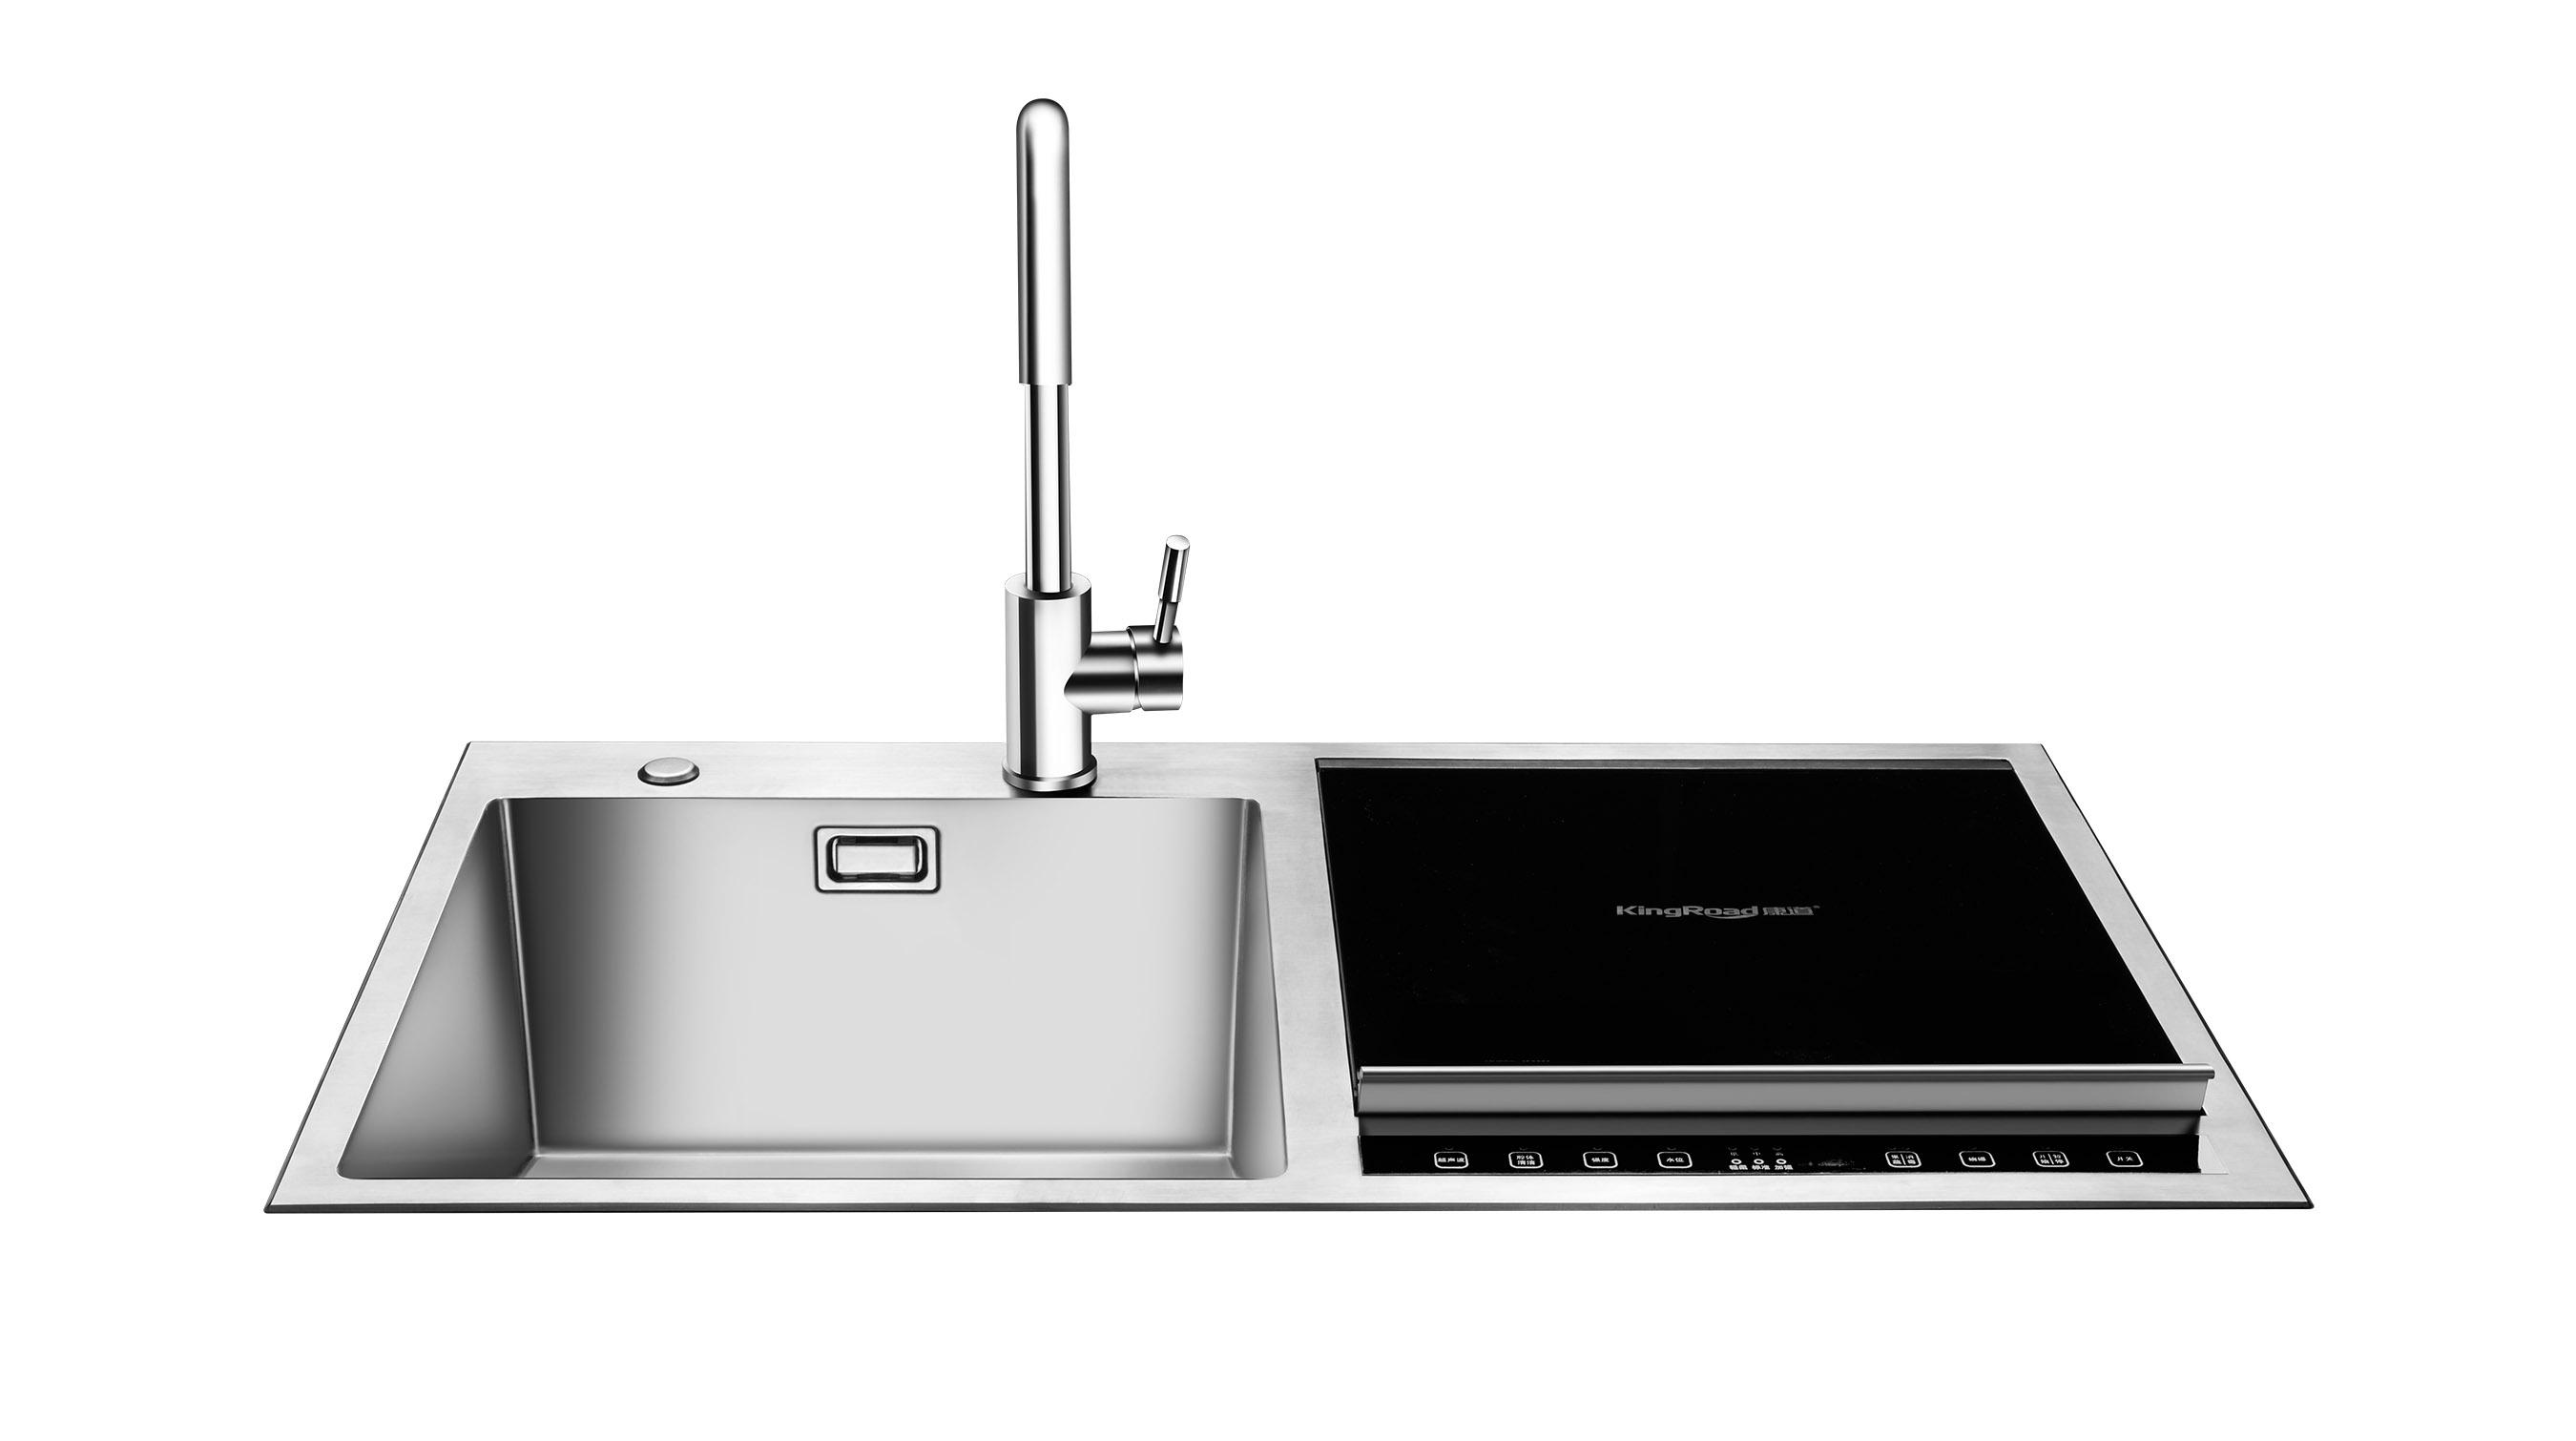 江西高品质家用全自动洗碗机尺寸价格实在